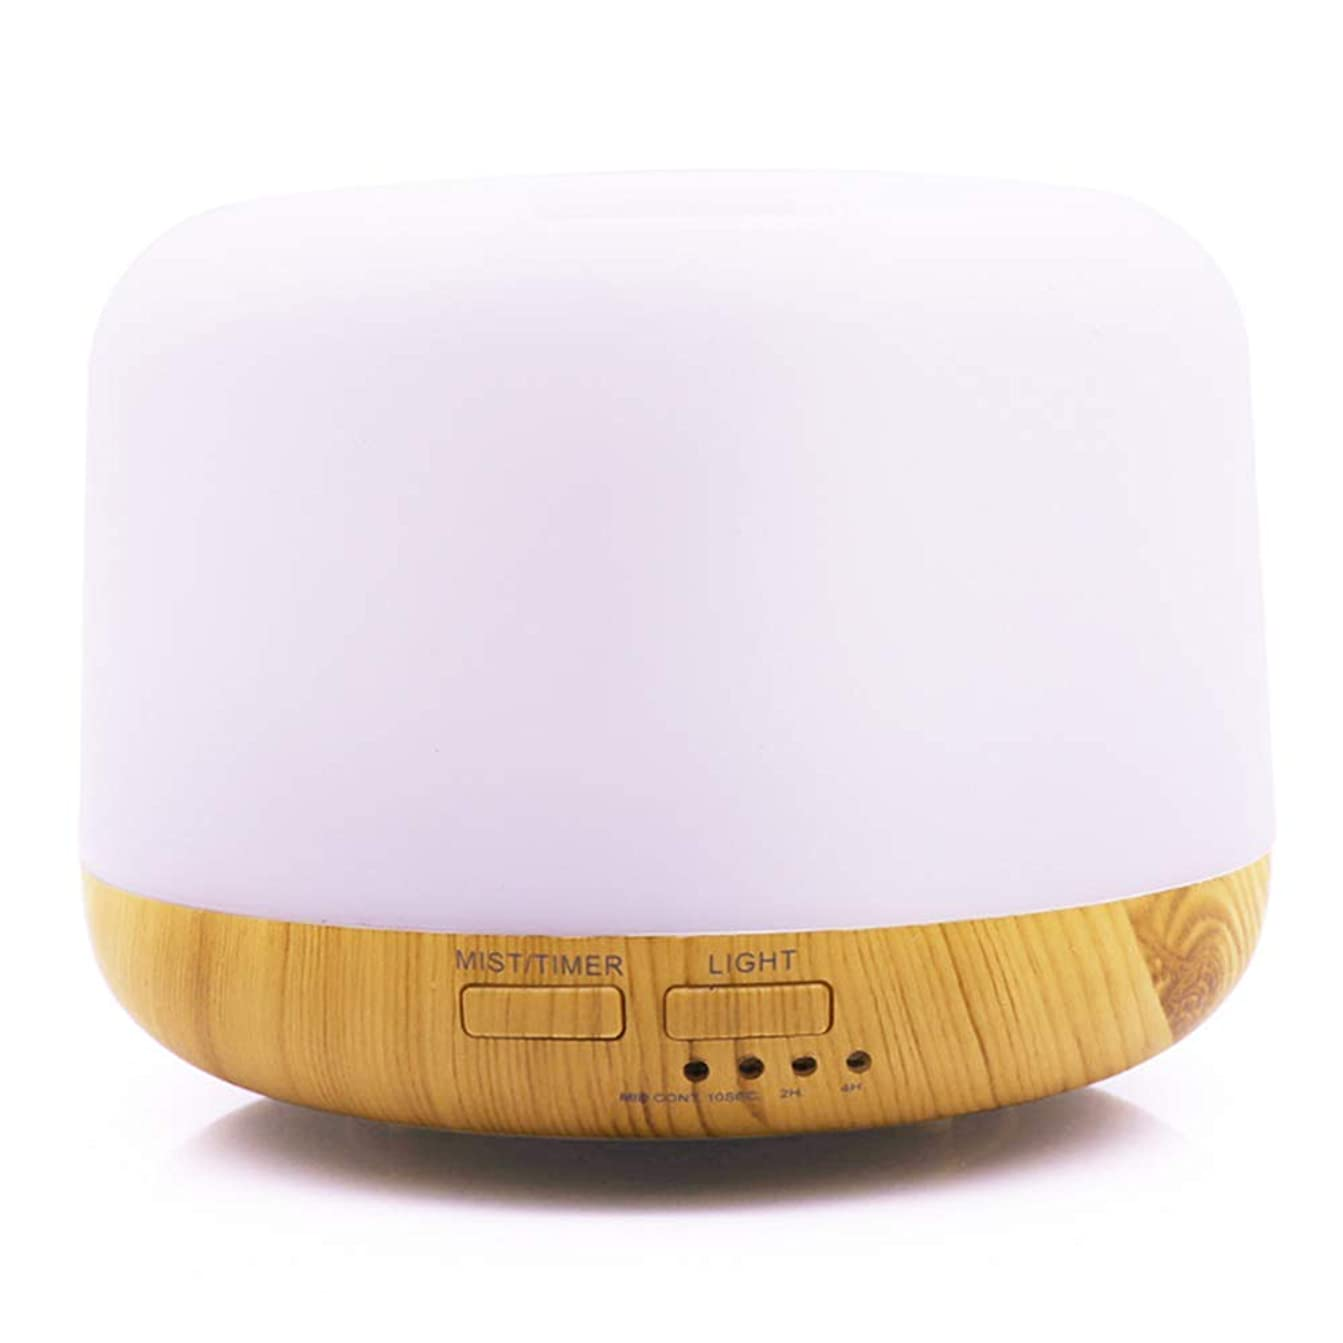 超音波カラフルなライトアロマテラピーマシンLED照明パンの加湿器ホームオフィスの美しさ,Natural